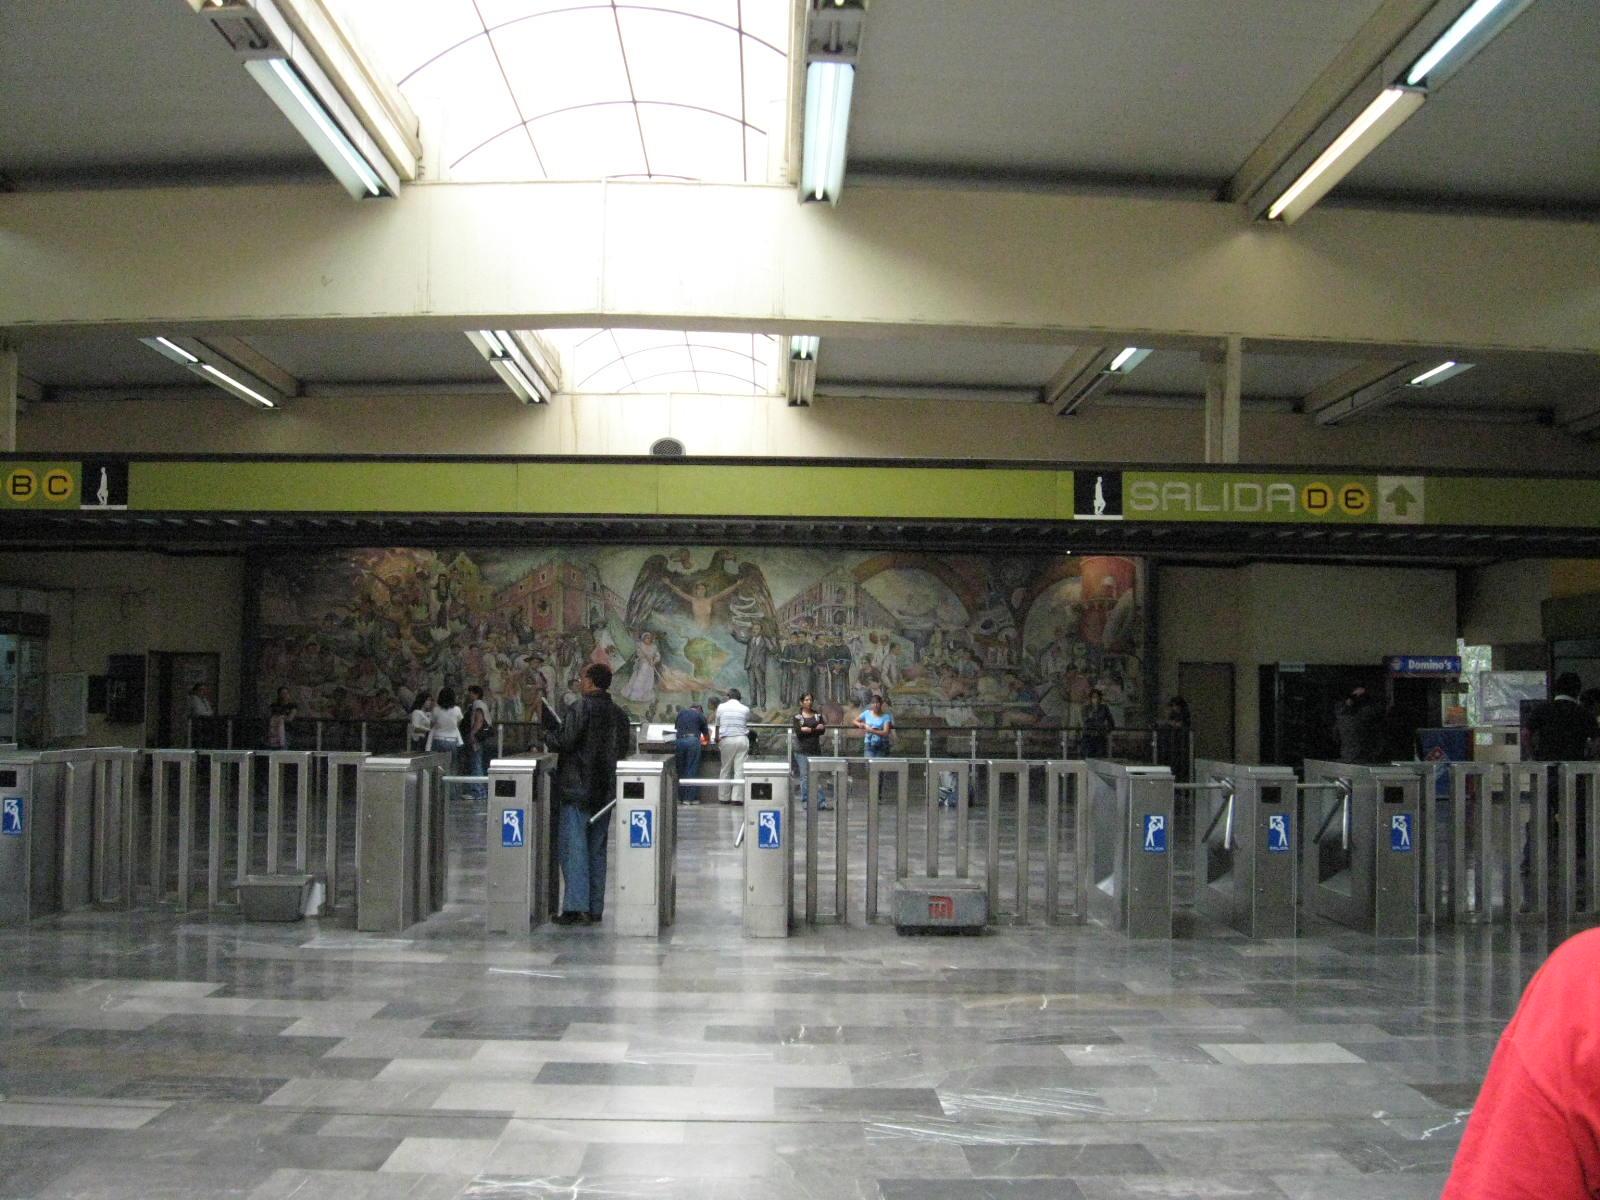 En la estacion de servicio brasil - 4 1